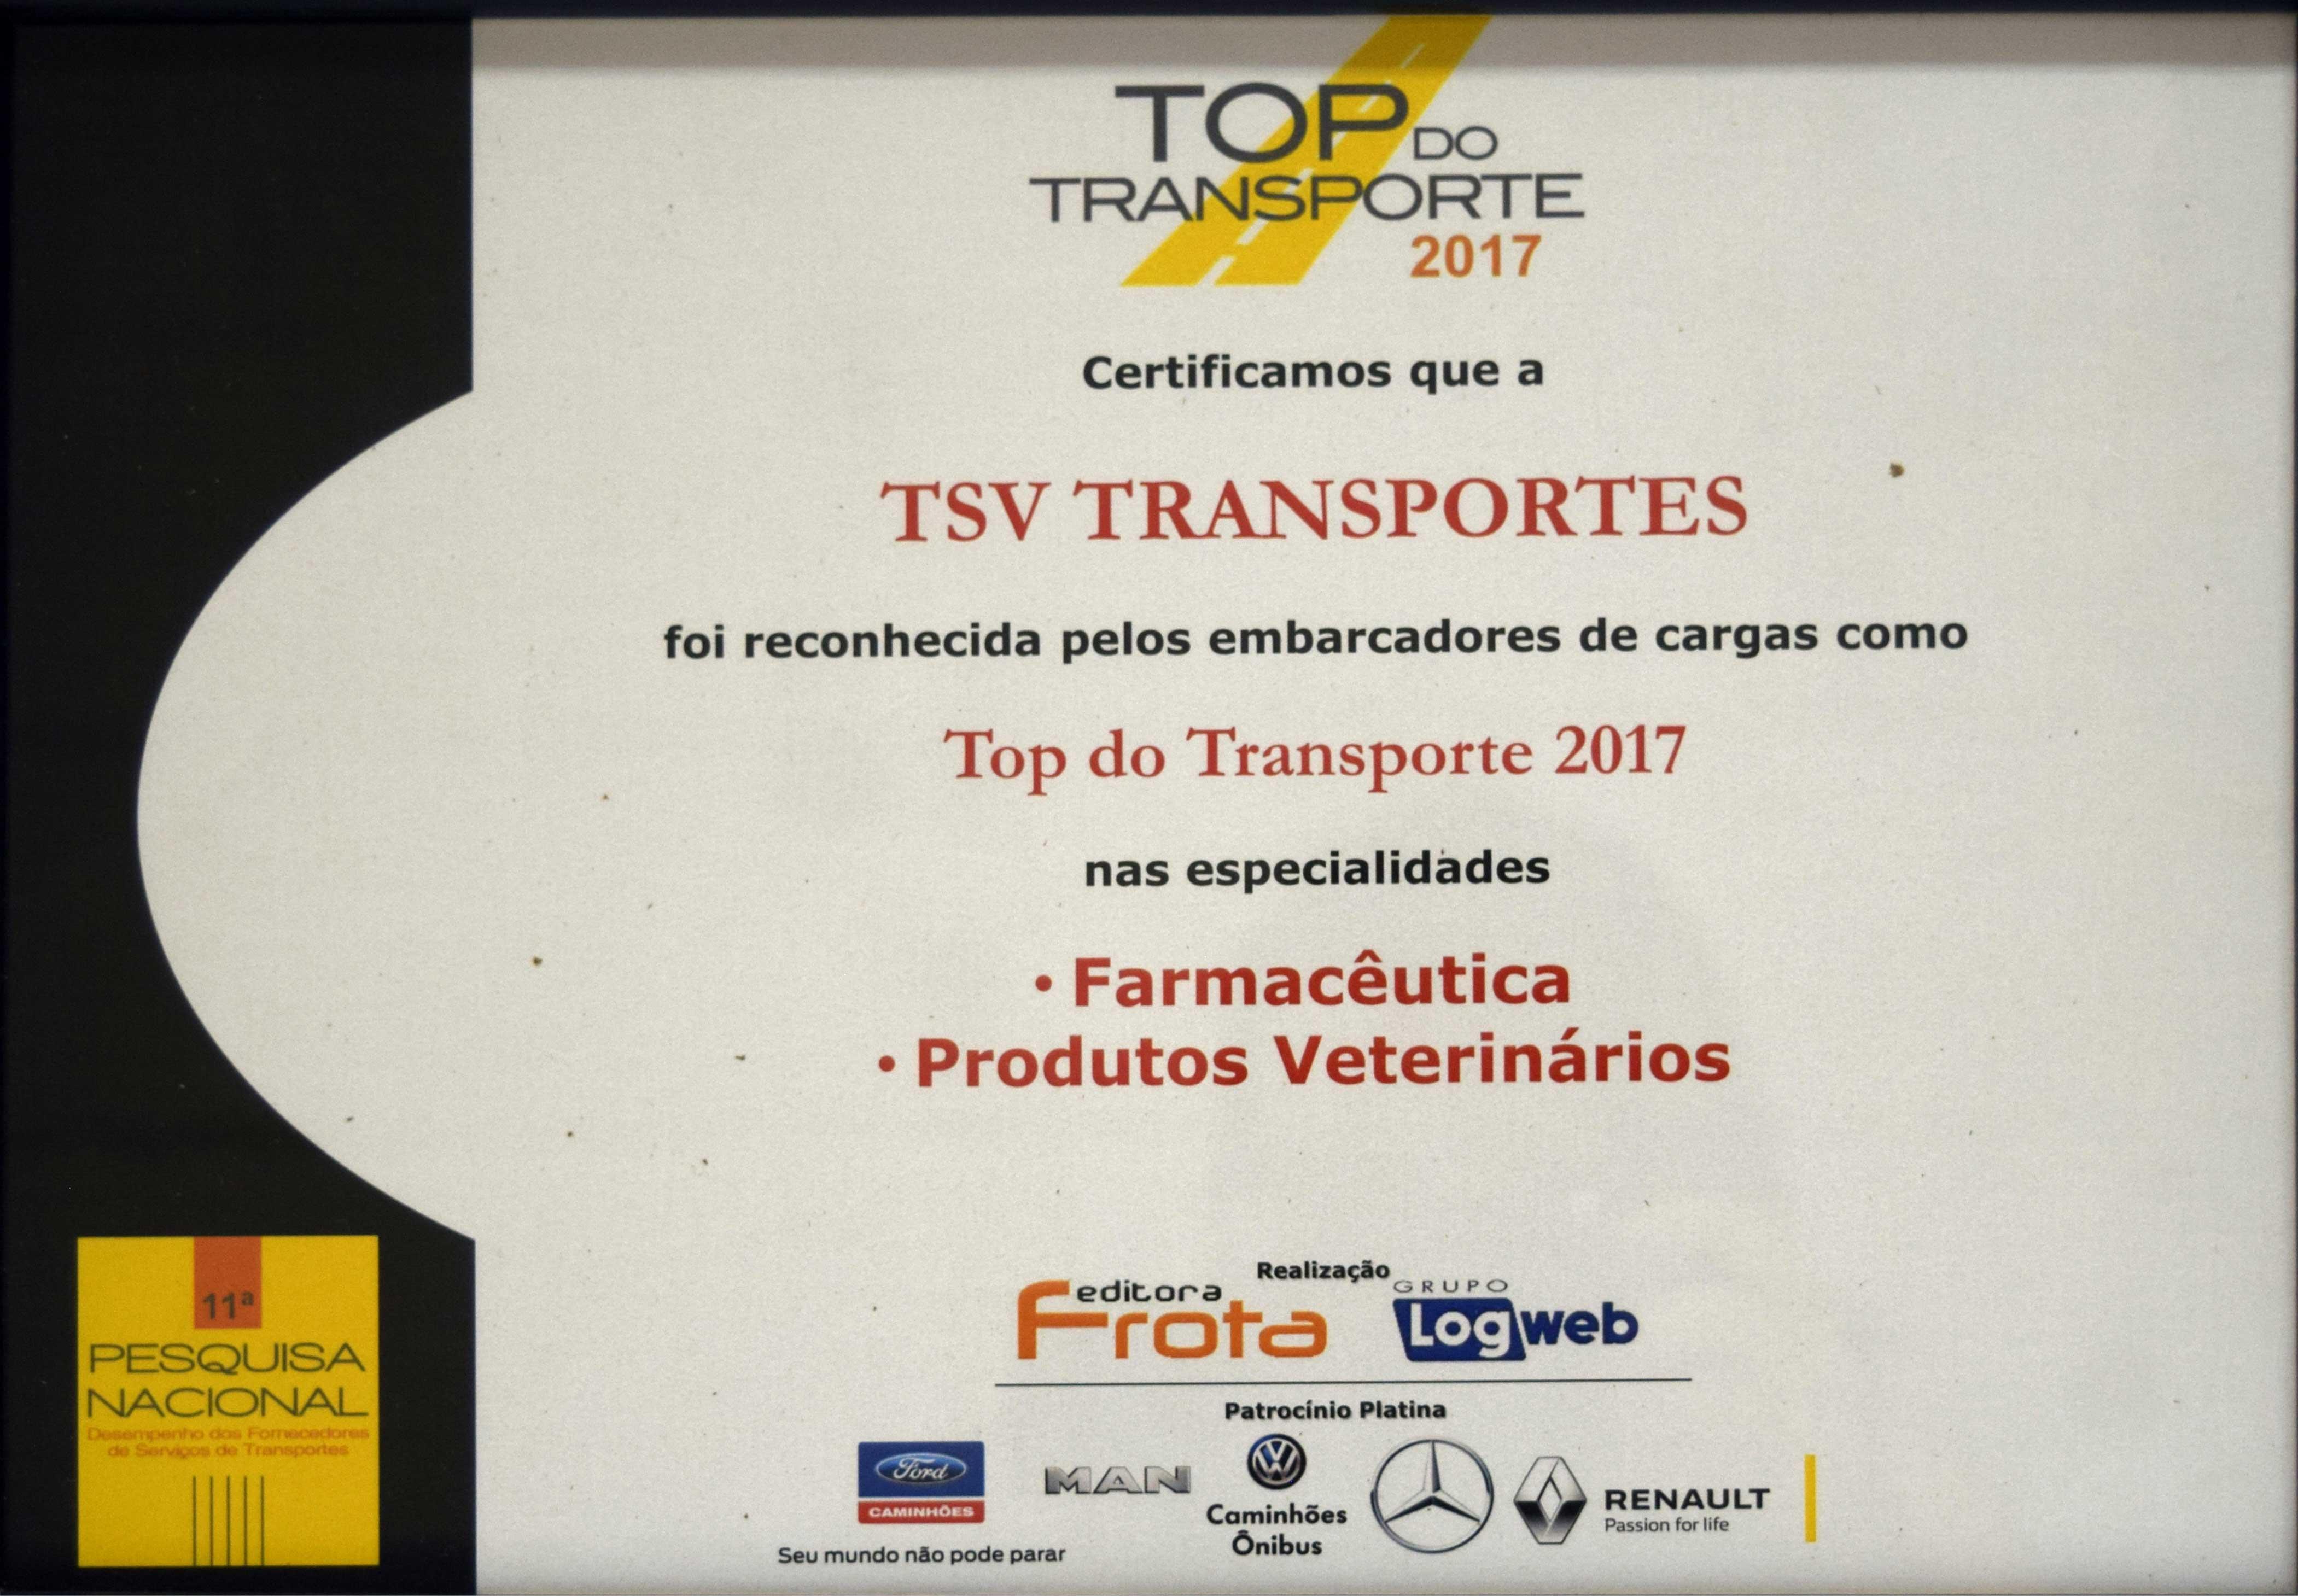 http://www.tsvtransportes.com.br/wp-content/uploads/2018/09/DSC_0155.jpg